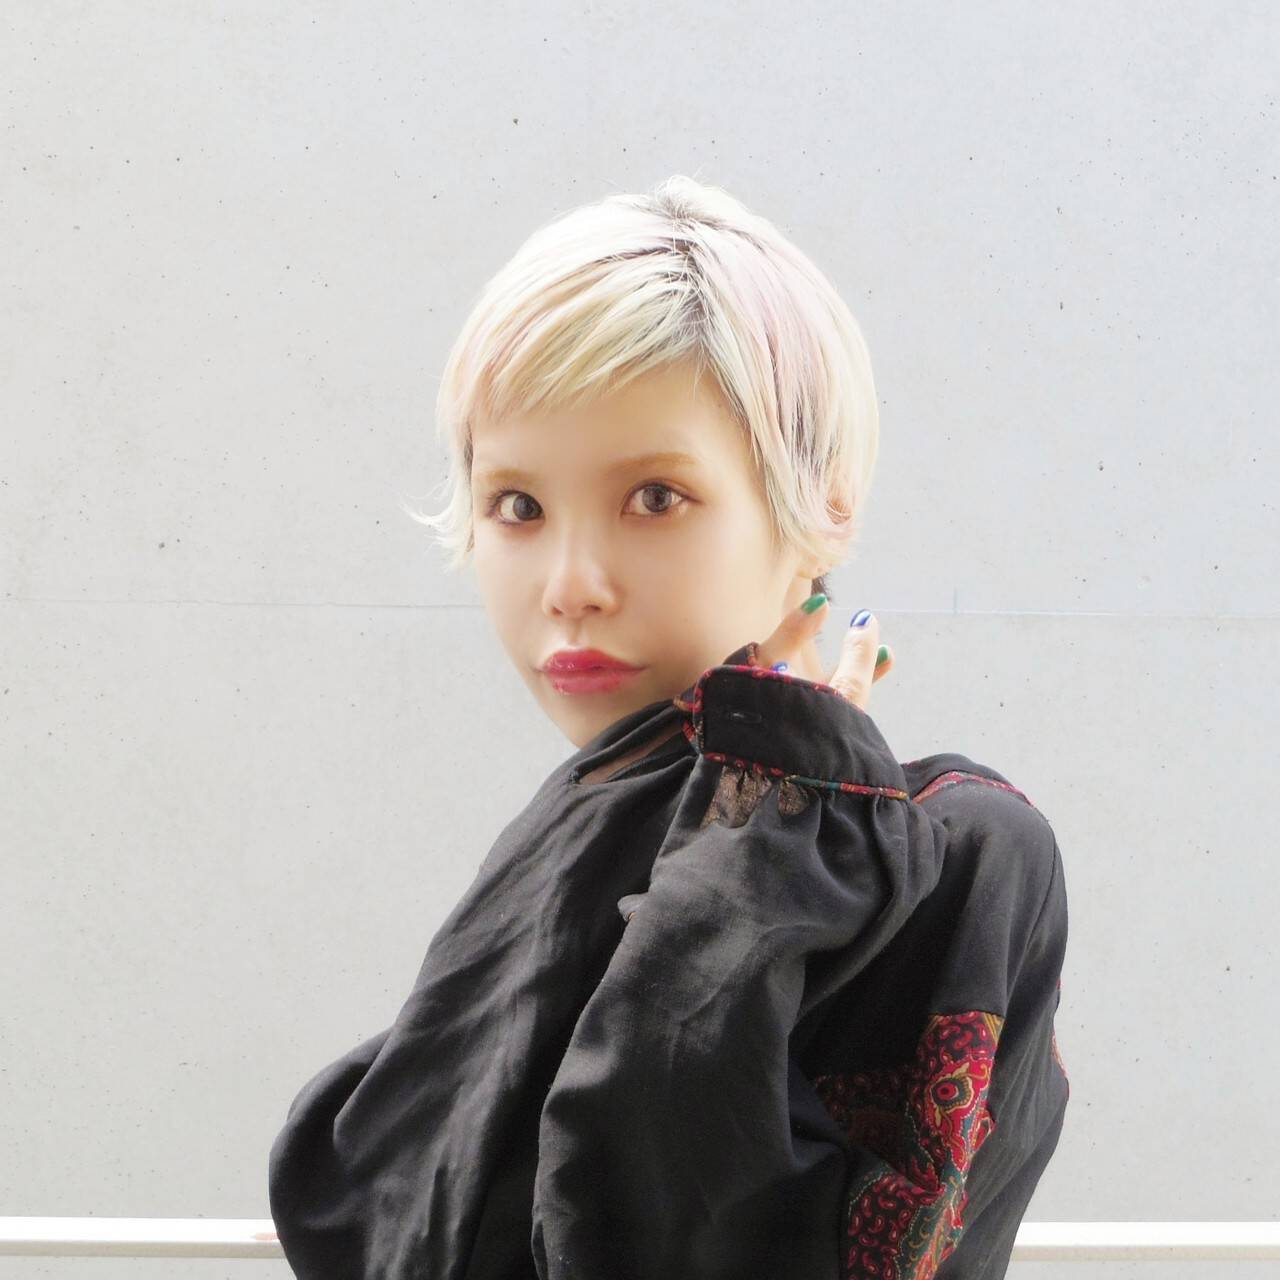 ヘアアレンジ 外国人風 ショートヘア ショートヘアスタイルや髪型の写真・画像